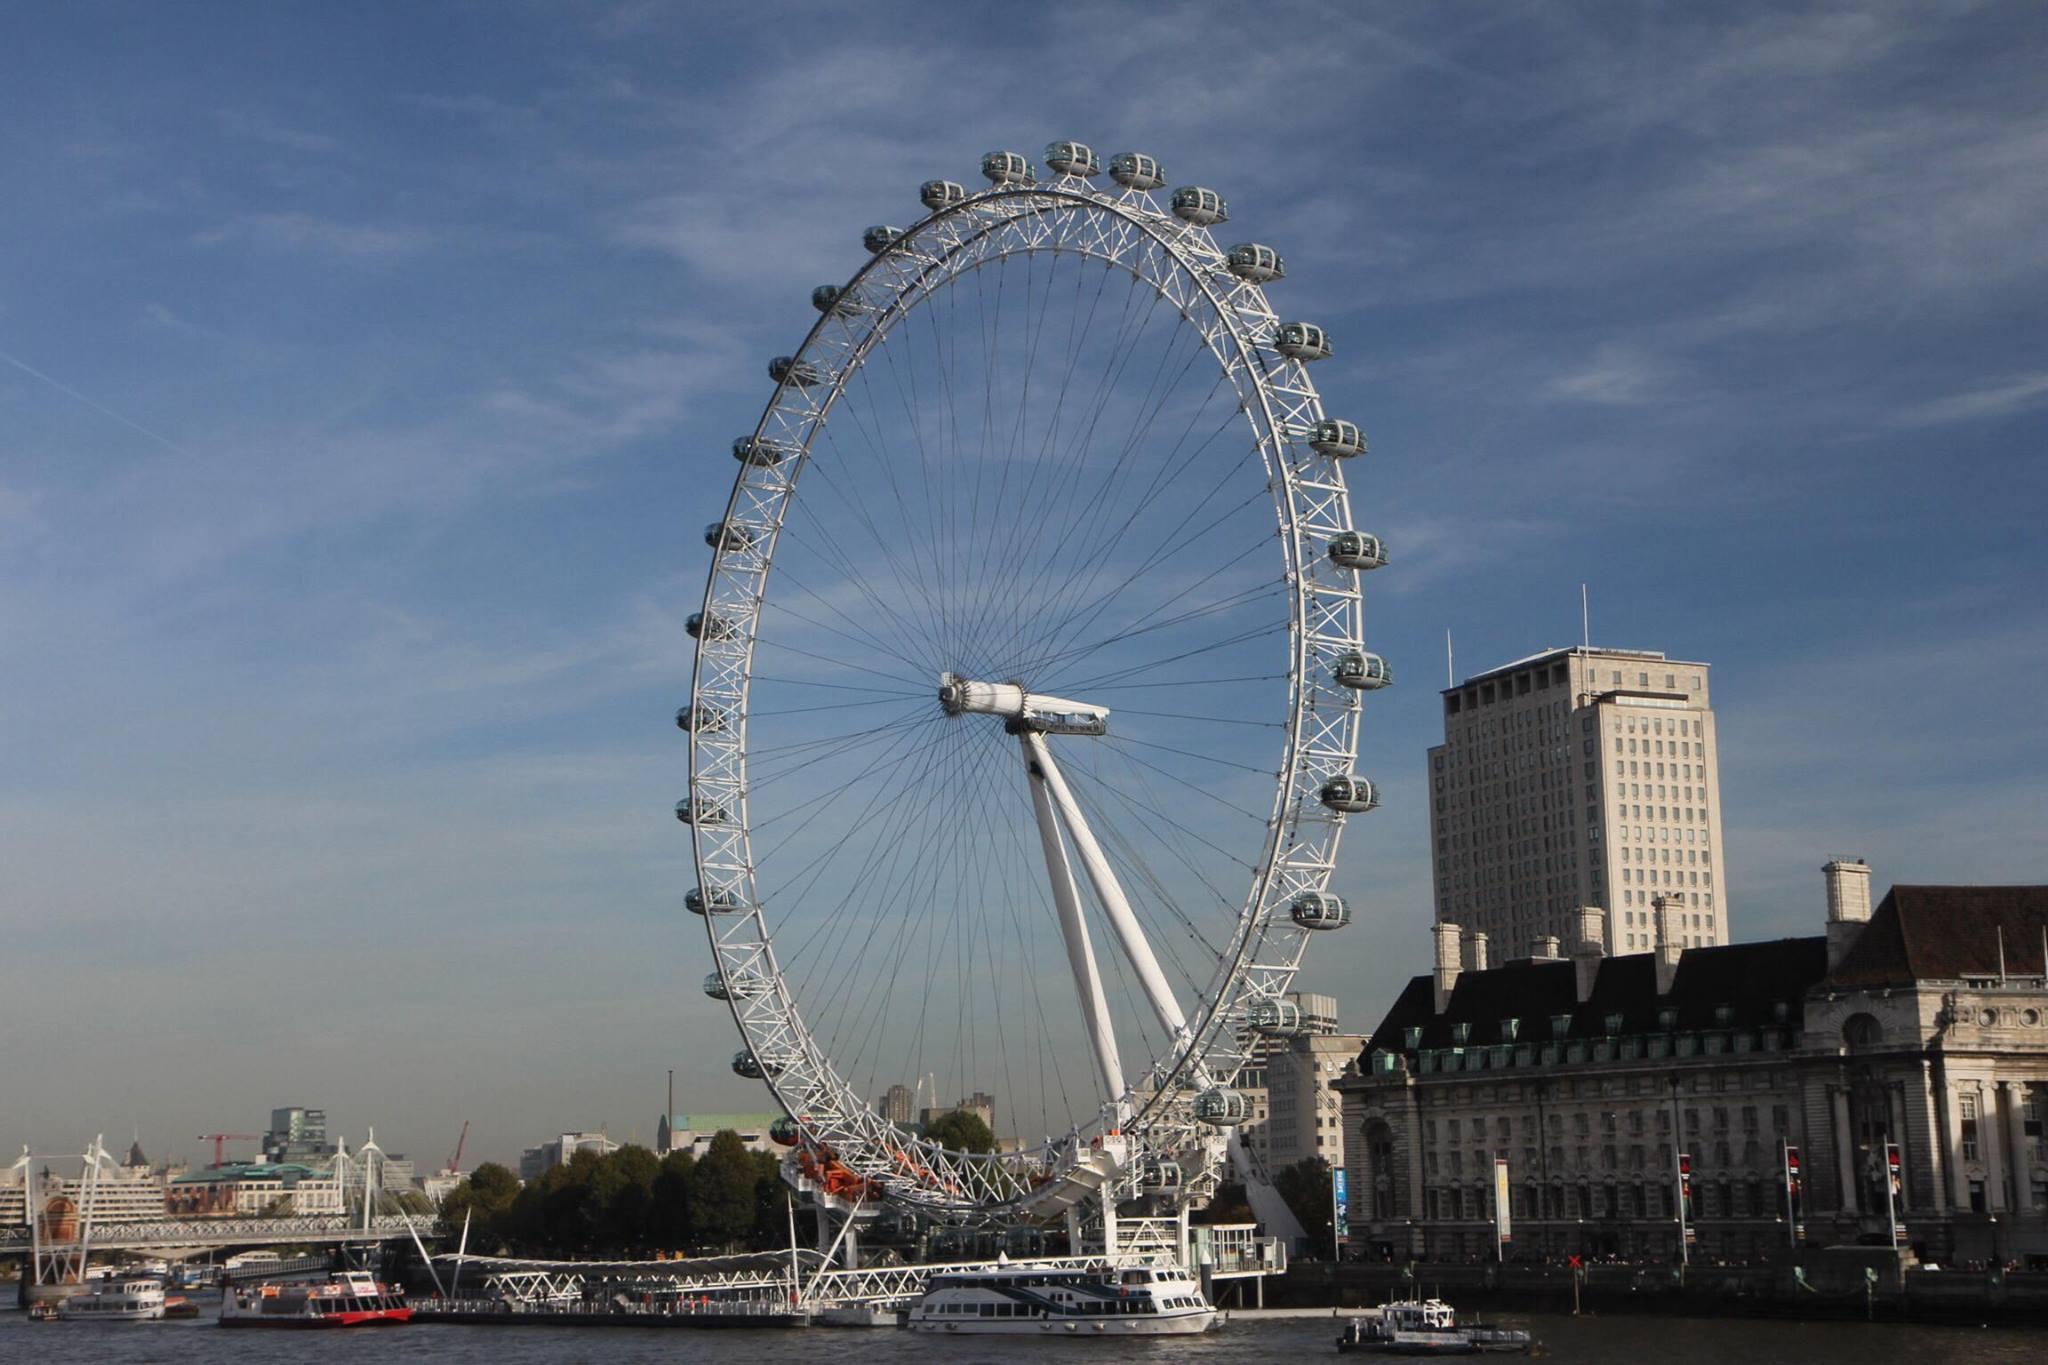 Uitzicht vanaf Westminster Bridge op het London Eye reuzenrad